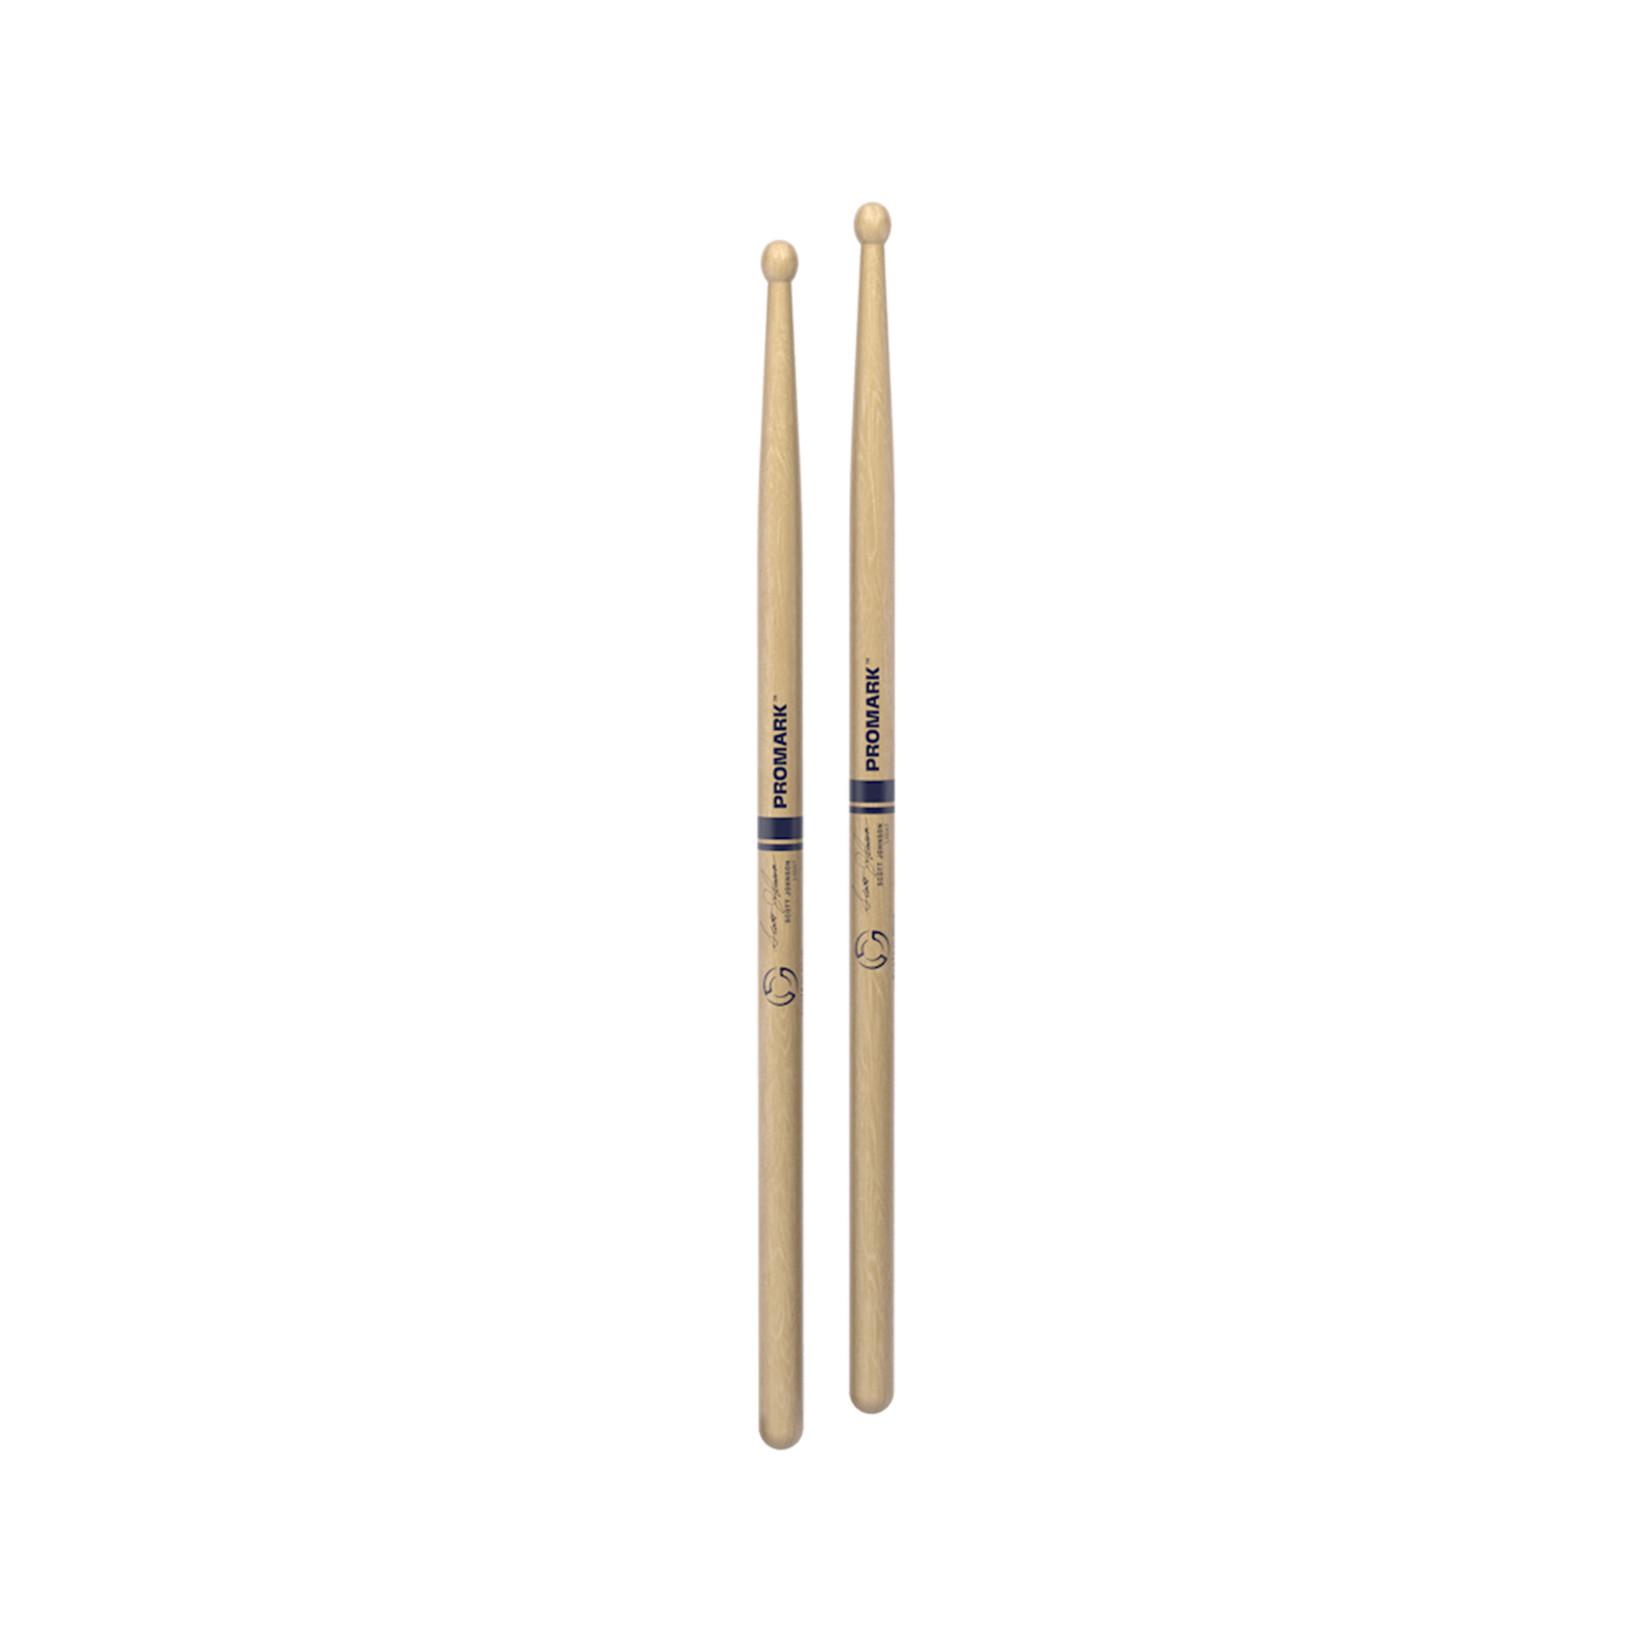 Promark ProMark Scott Johnson DC17i Hickory Wood Tip Drumsticks